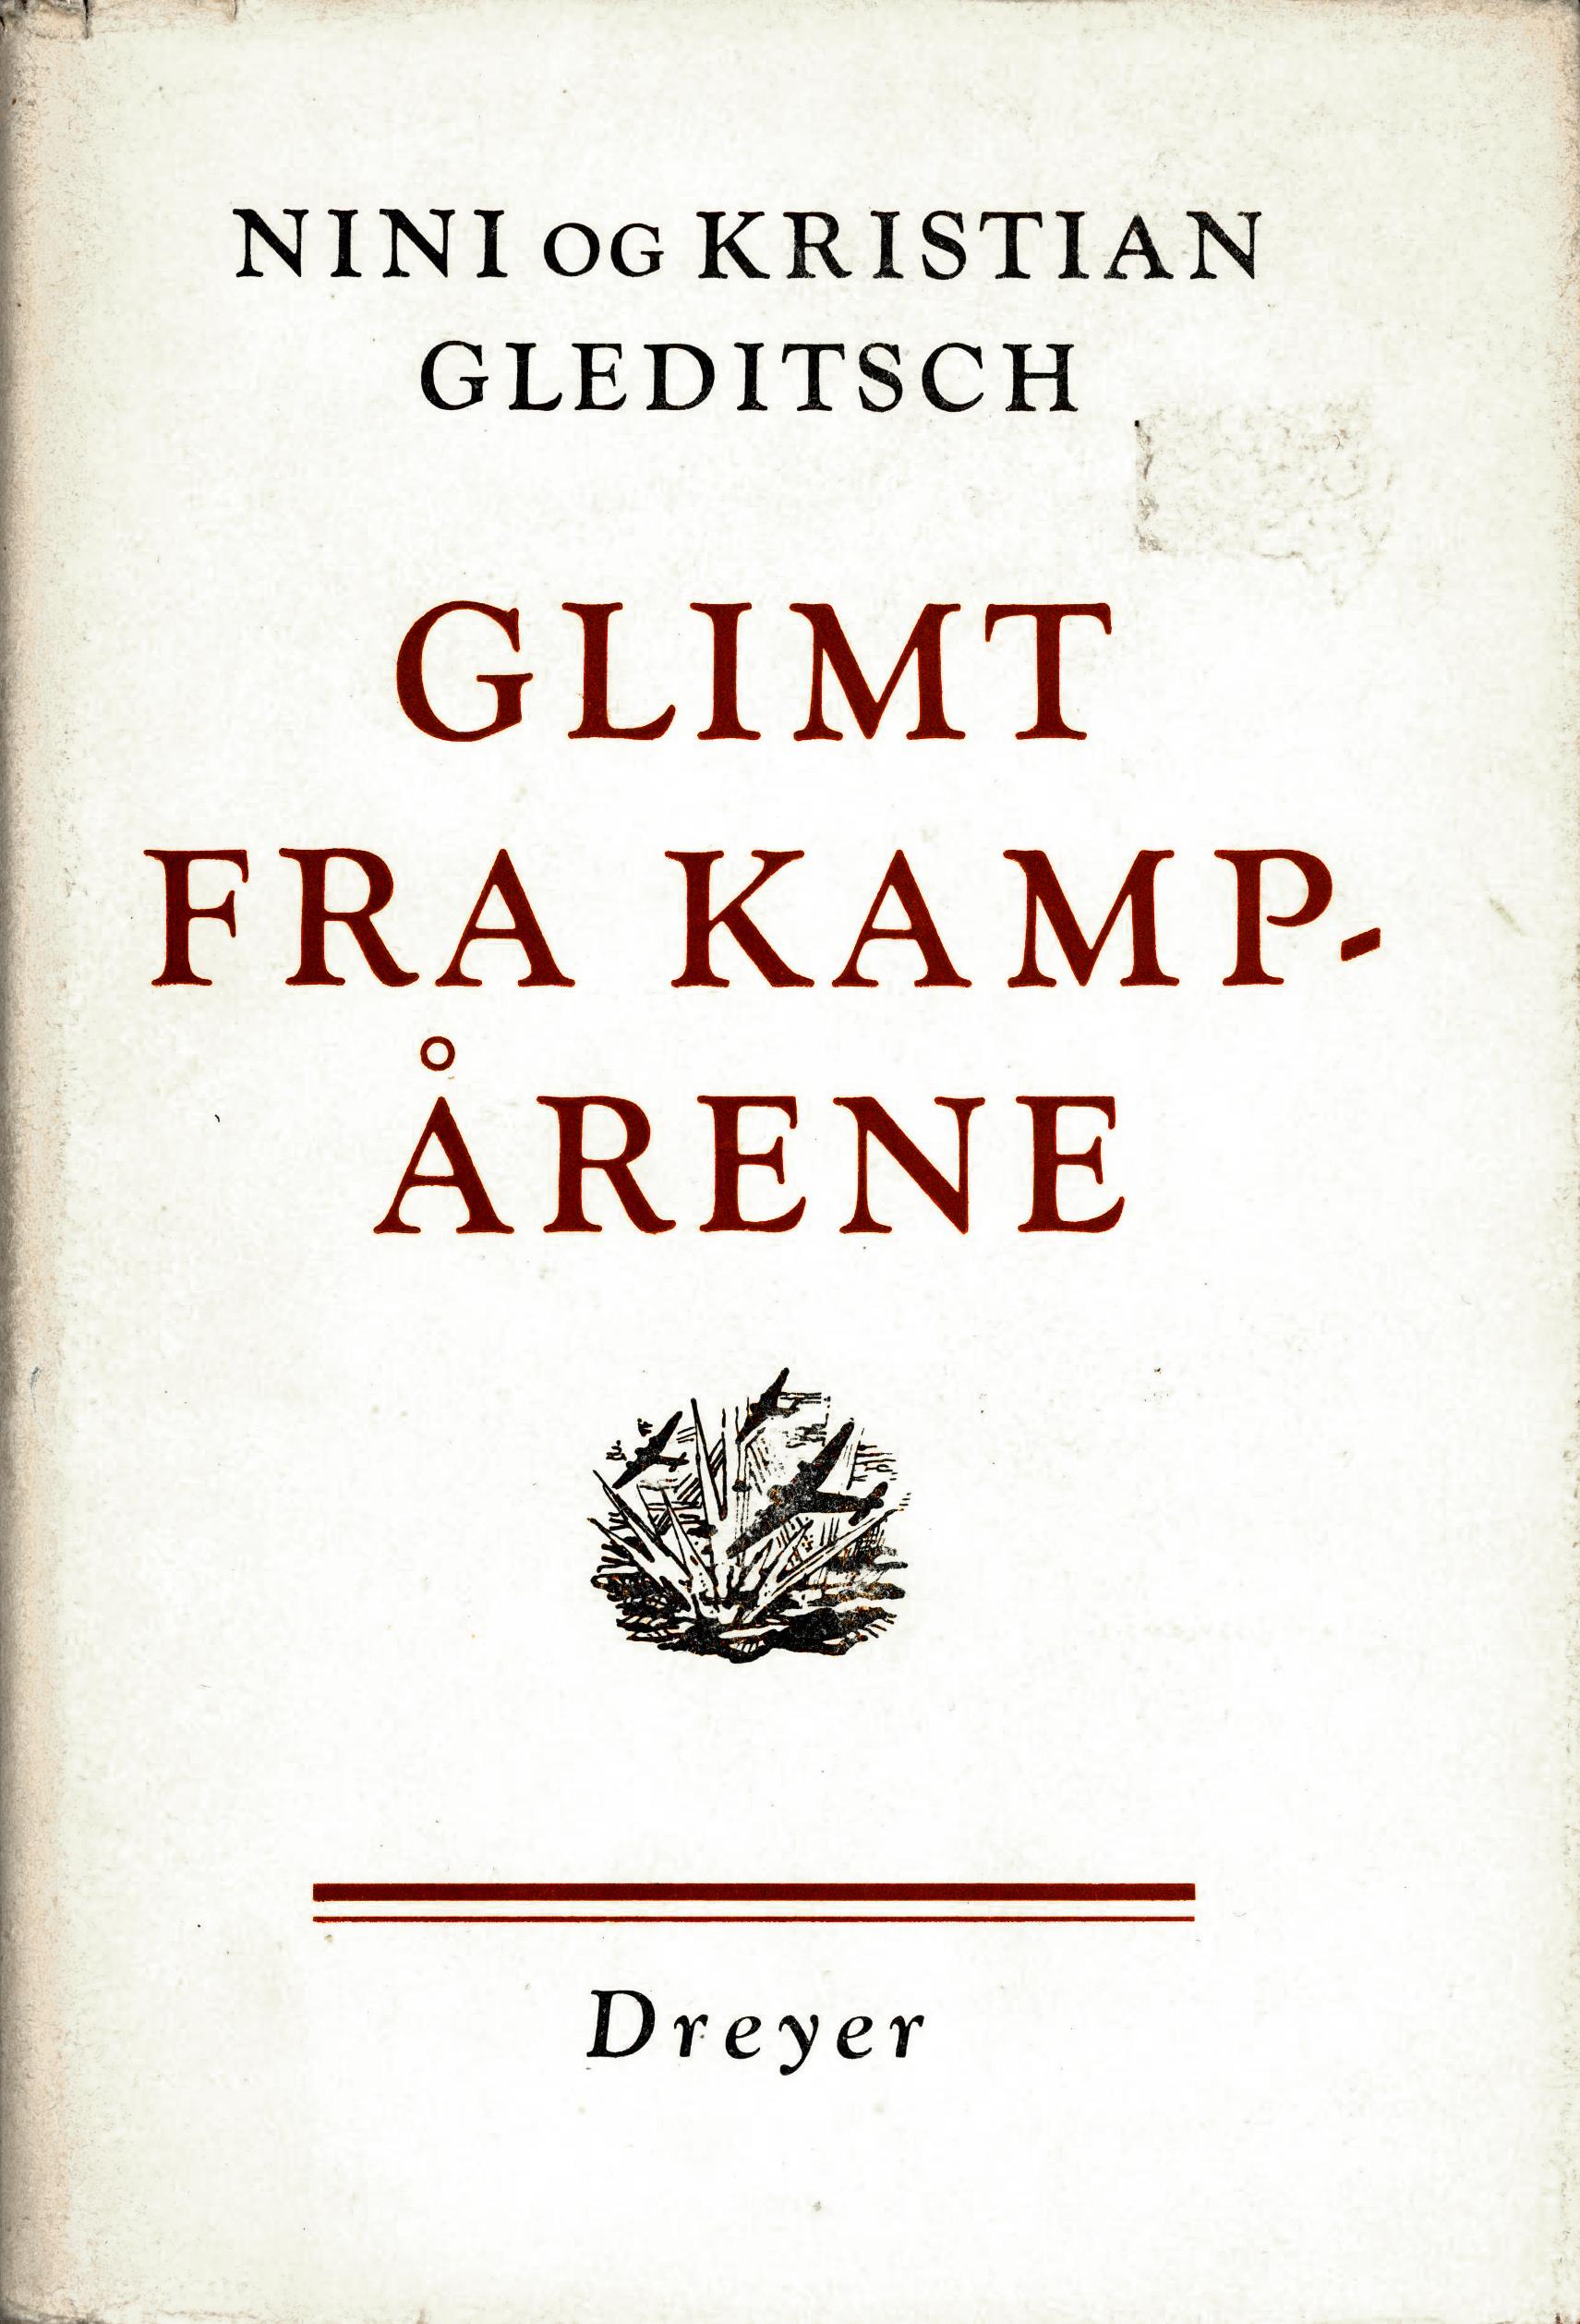 Nini og Kristian Gleditsch: Glimt fra kampårene